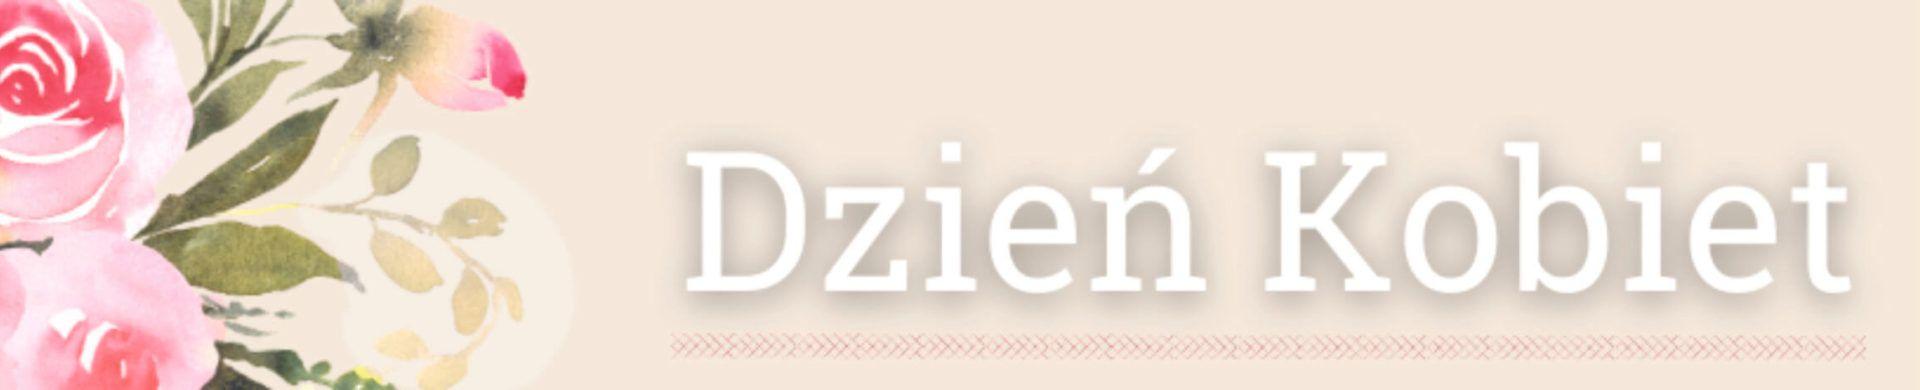 dzienk2021-de